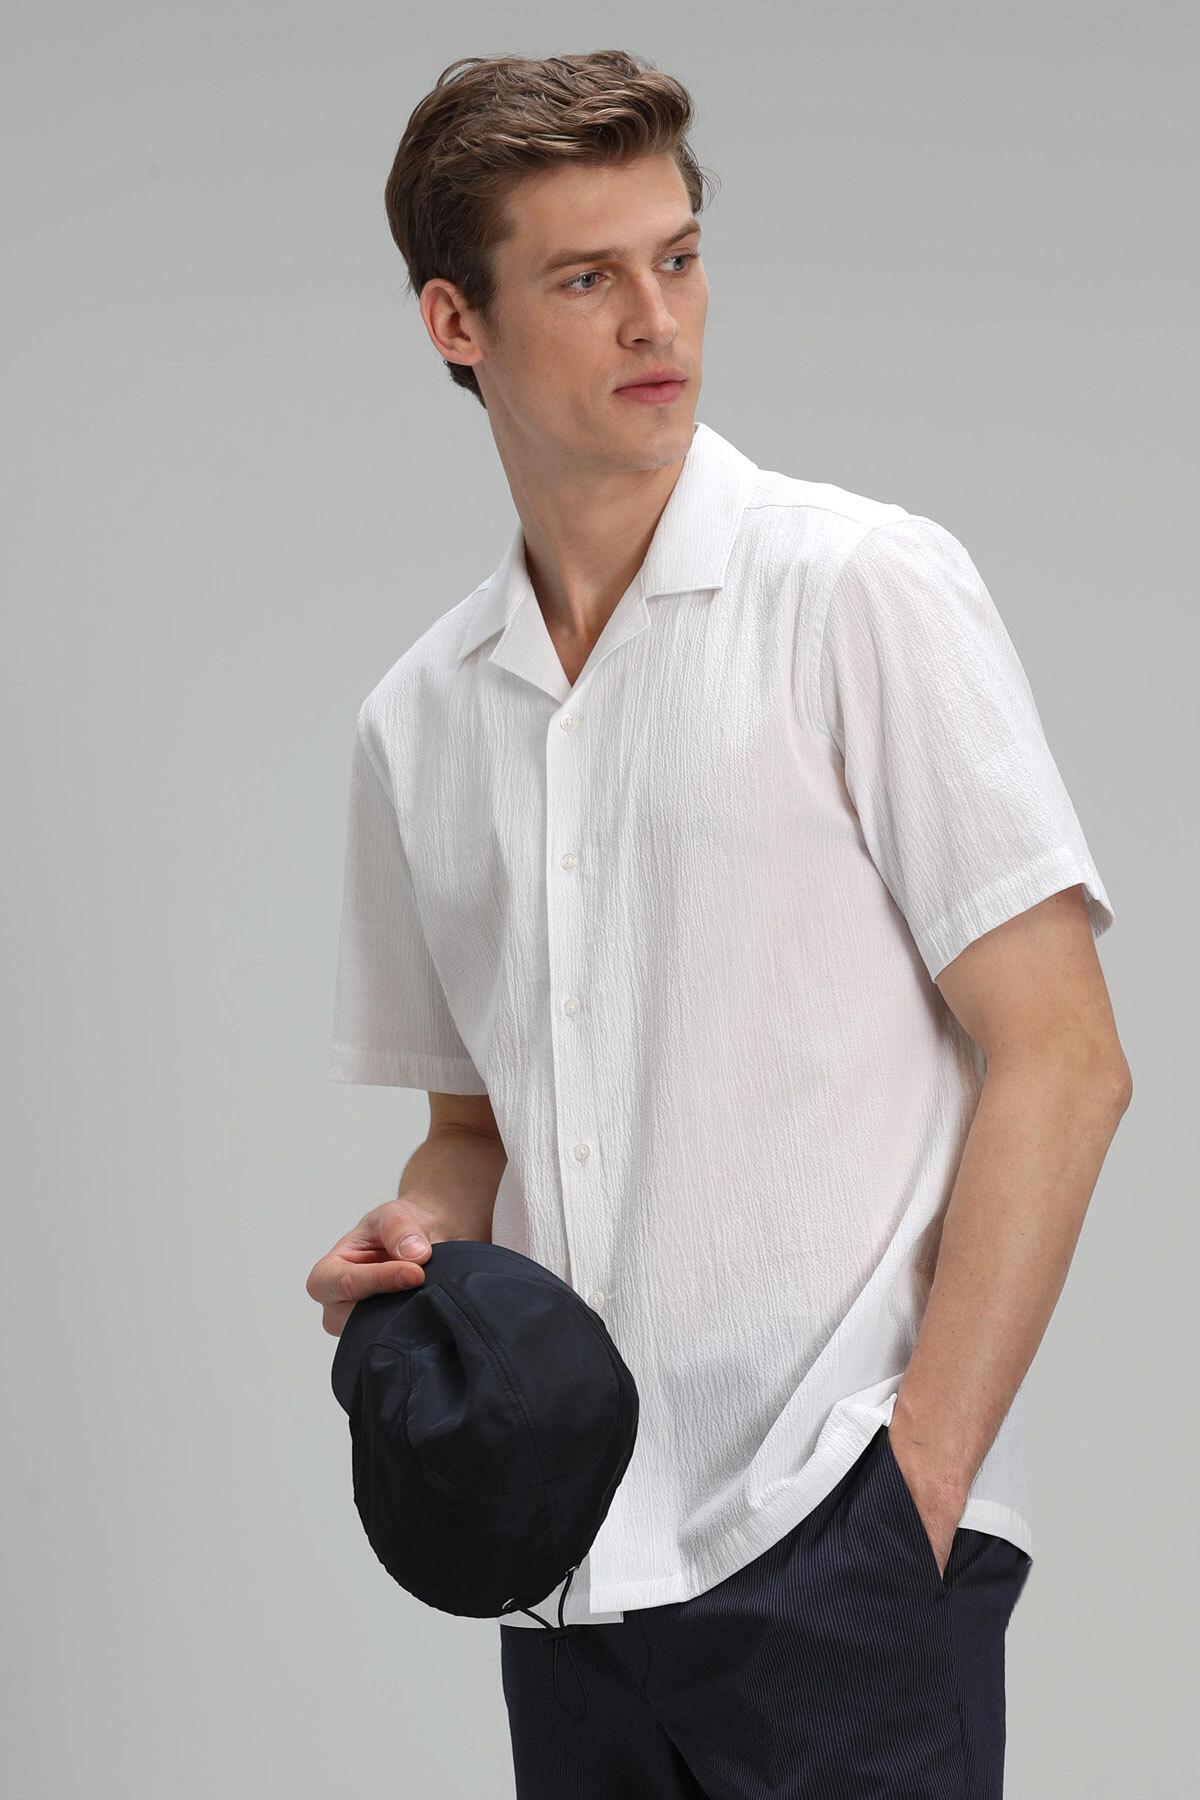 Revla Erkek Spor Gömlek Resort Fıt Beyaz